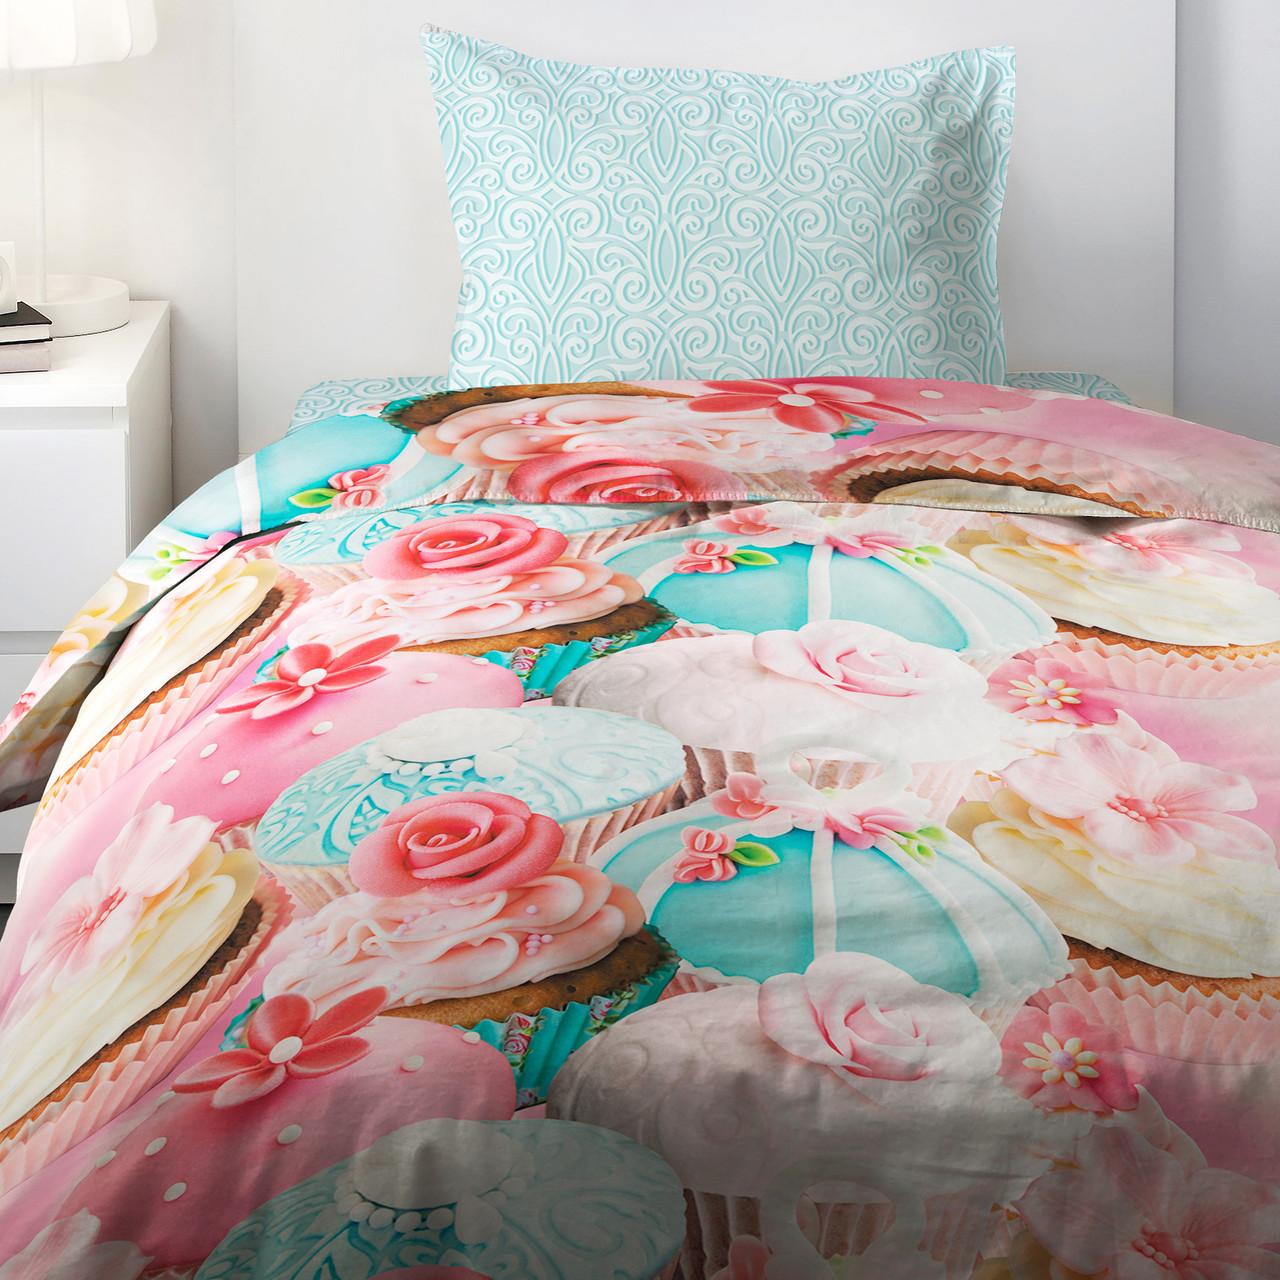 HOMY Комплект постельного белья   Капкейк,  HOMY  1.5 спальный